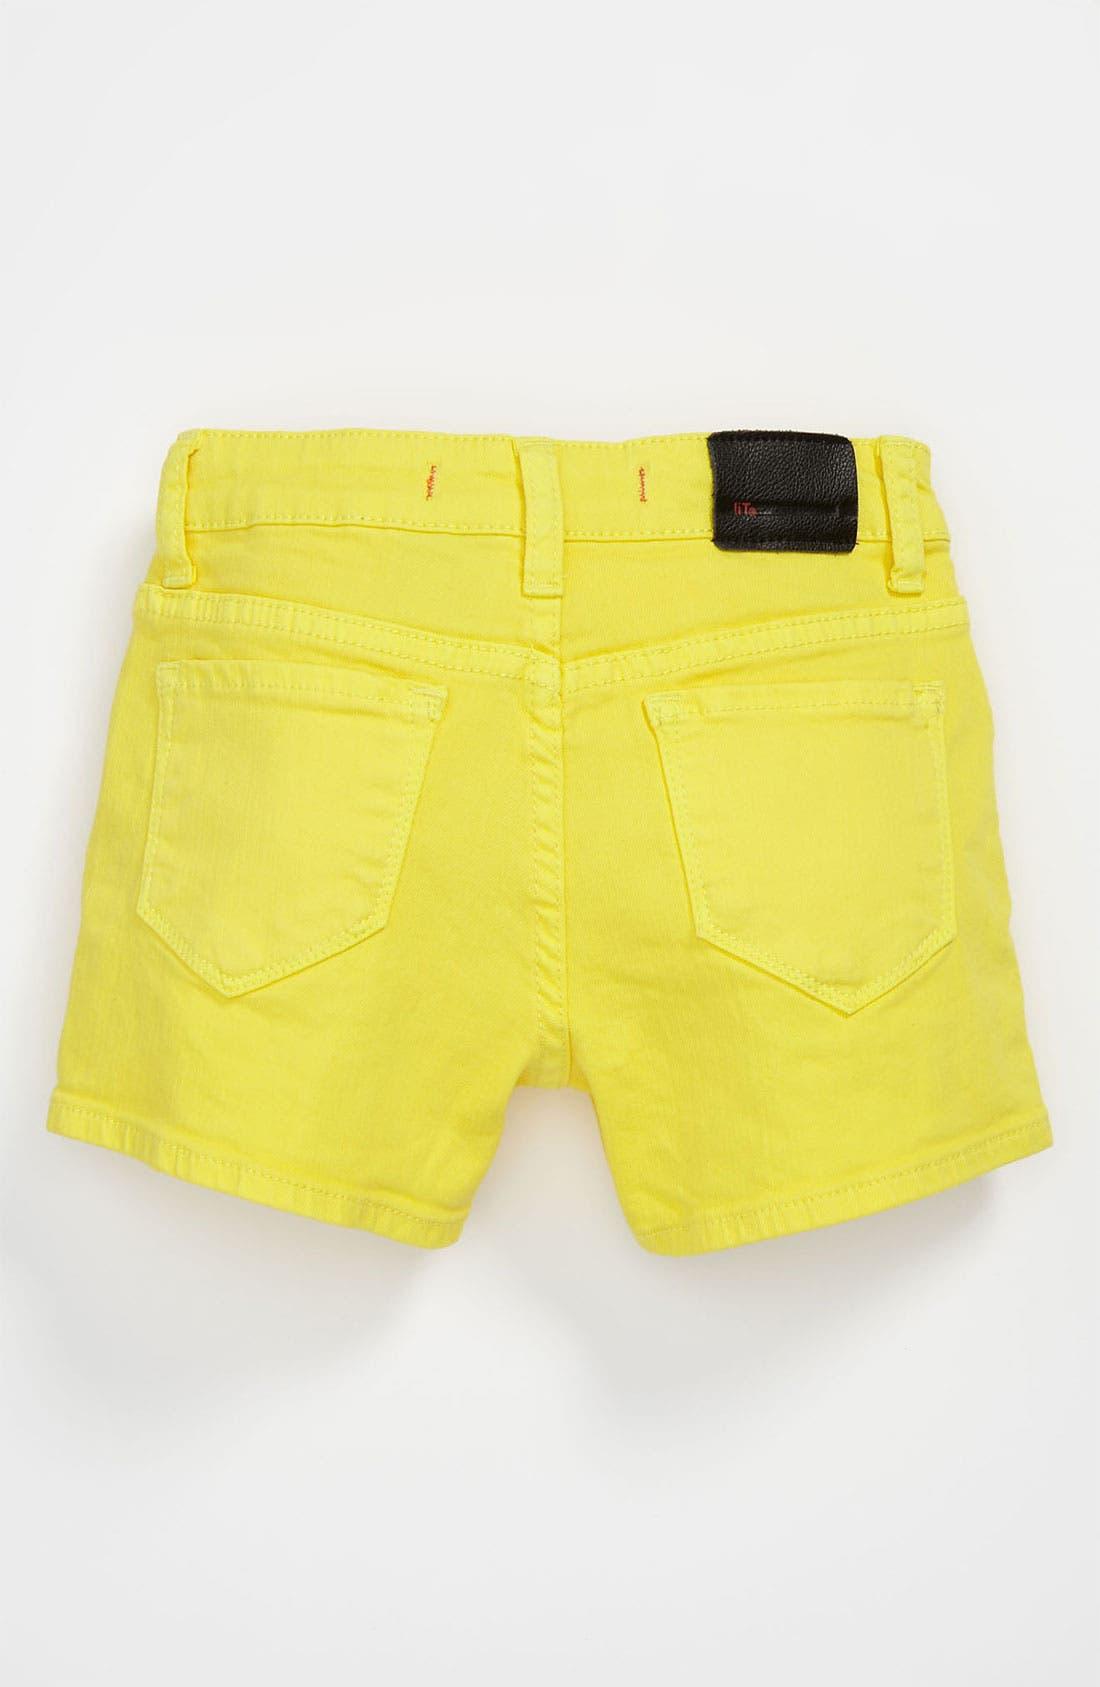 Alternate Image 1 Selected - !iT JEANS Five Pocket Shorts (Big Girls)